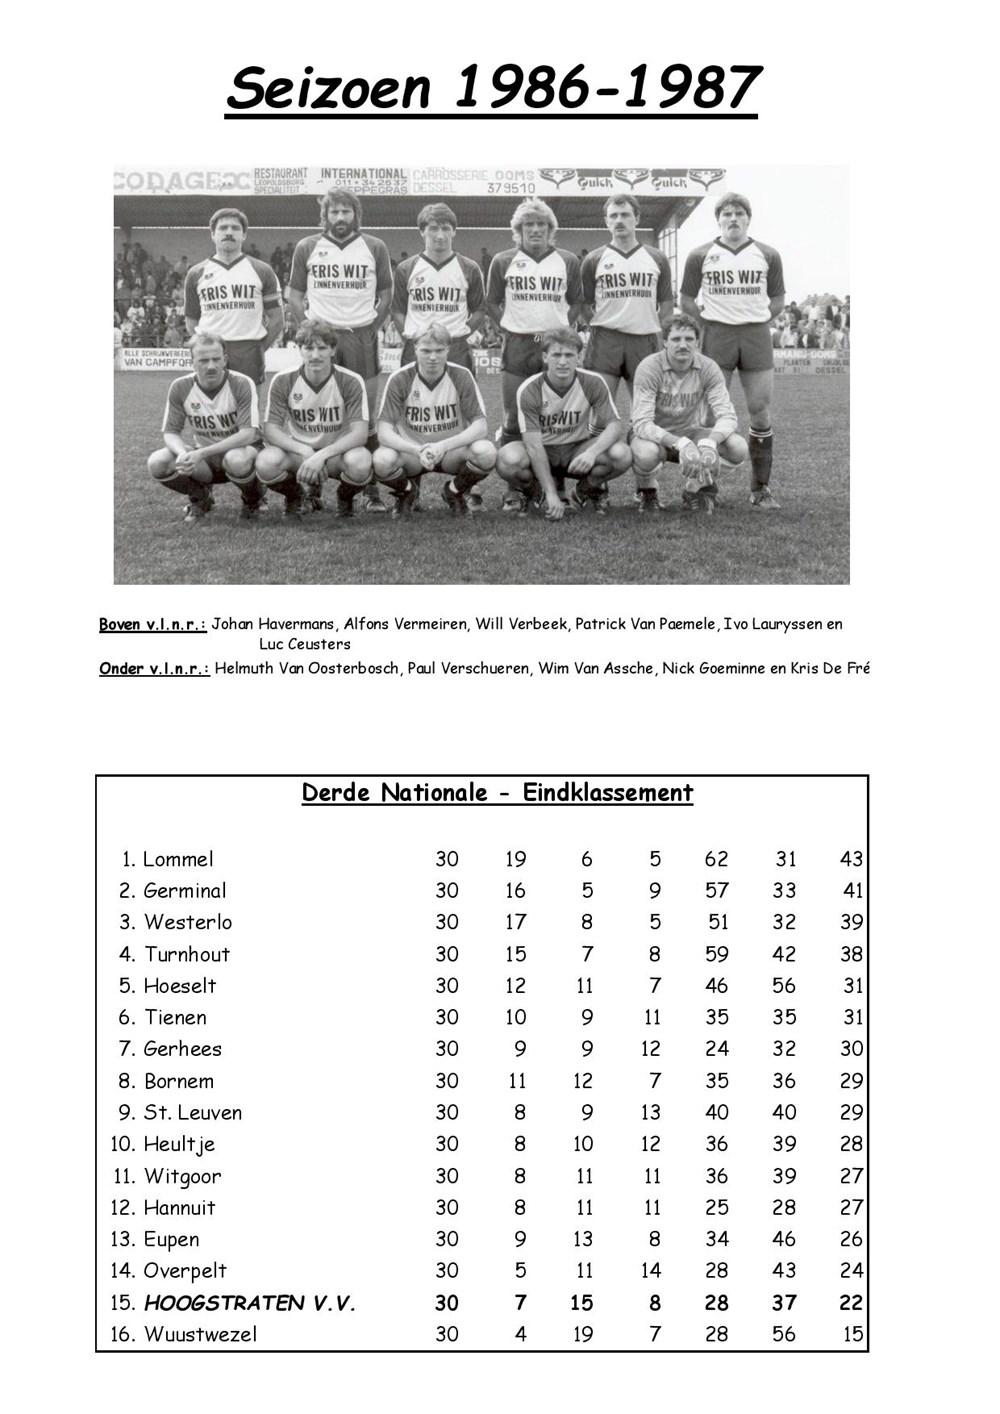 seizoen_1986-1987-page-001.jpg